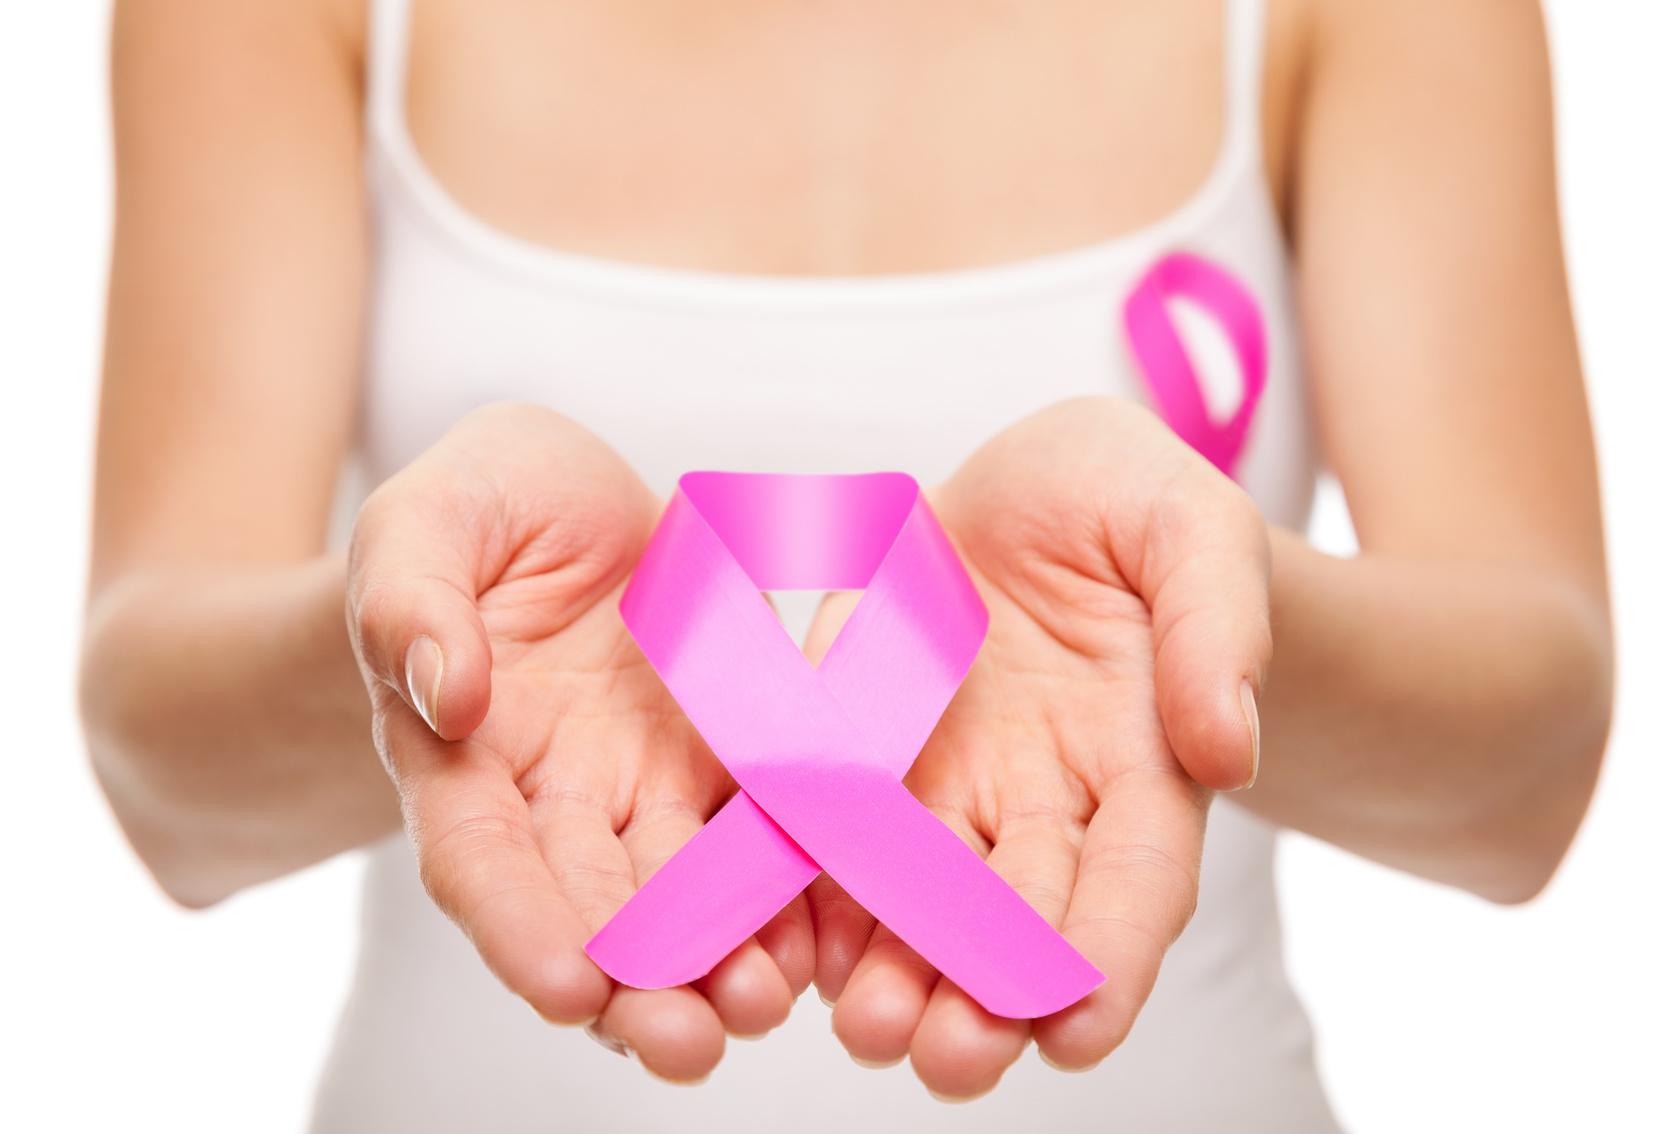 Outubro Rosa alerta para o diagnóstico precoce do câncer de mama